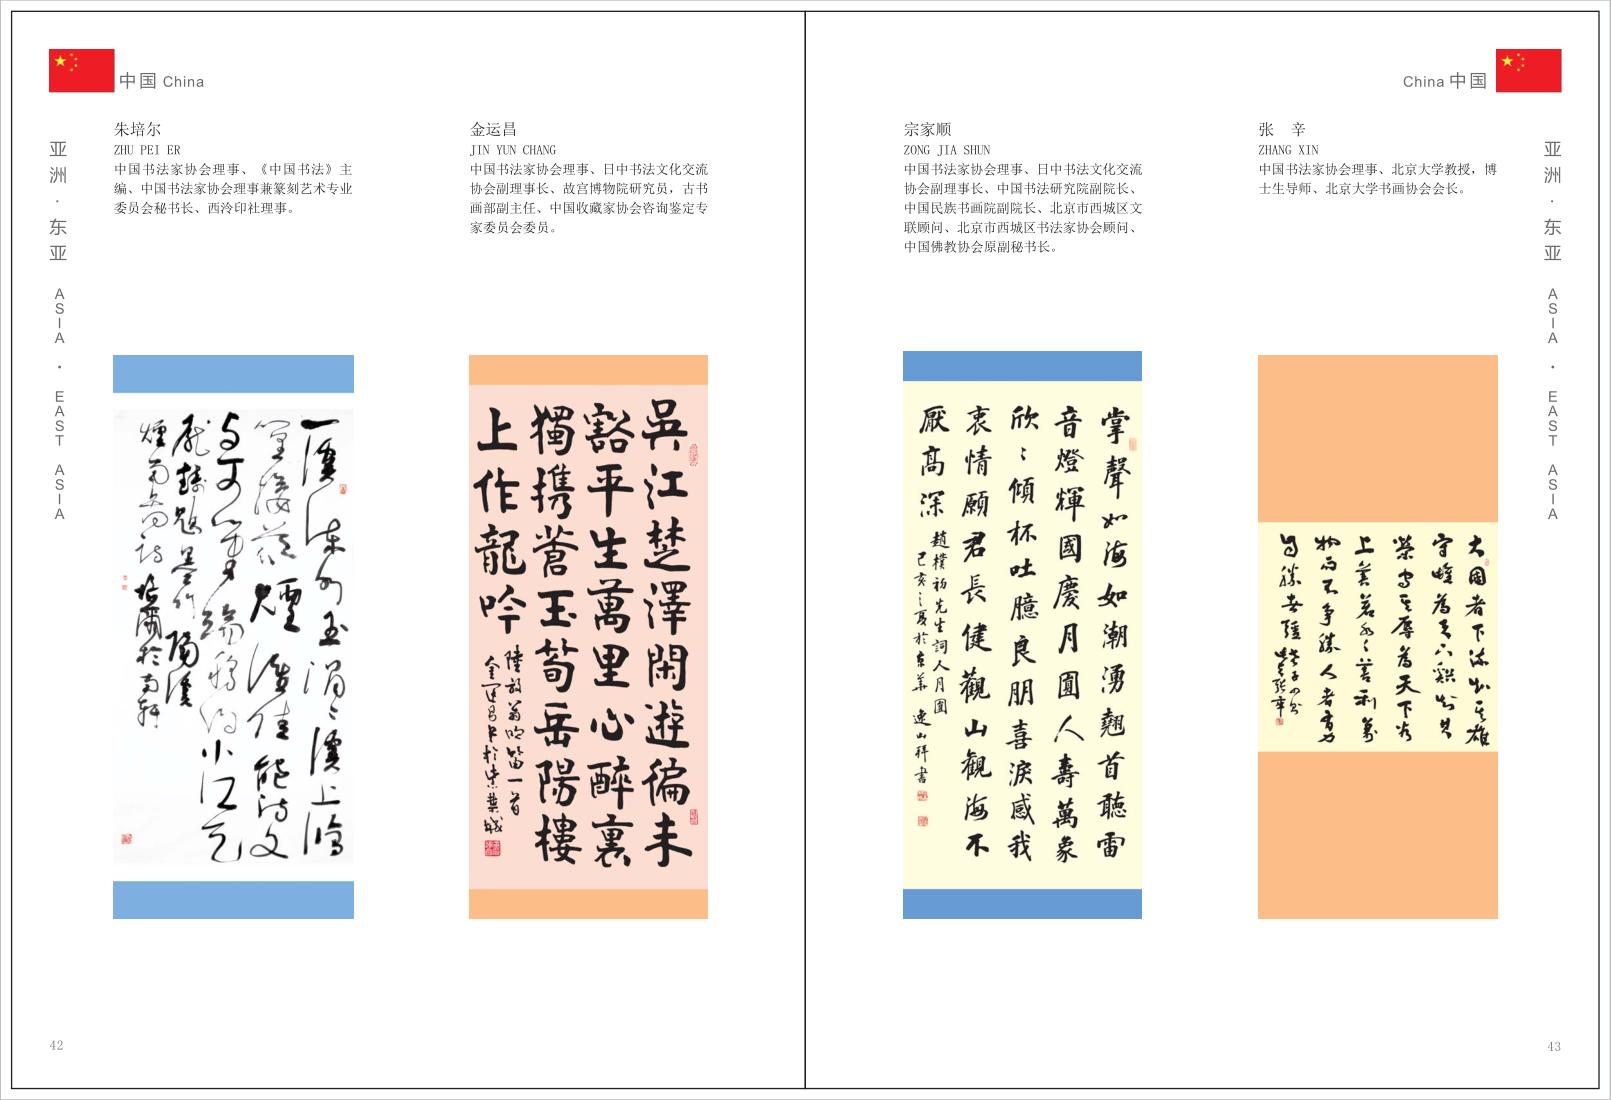 191页2_23.png